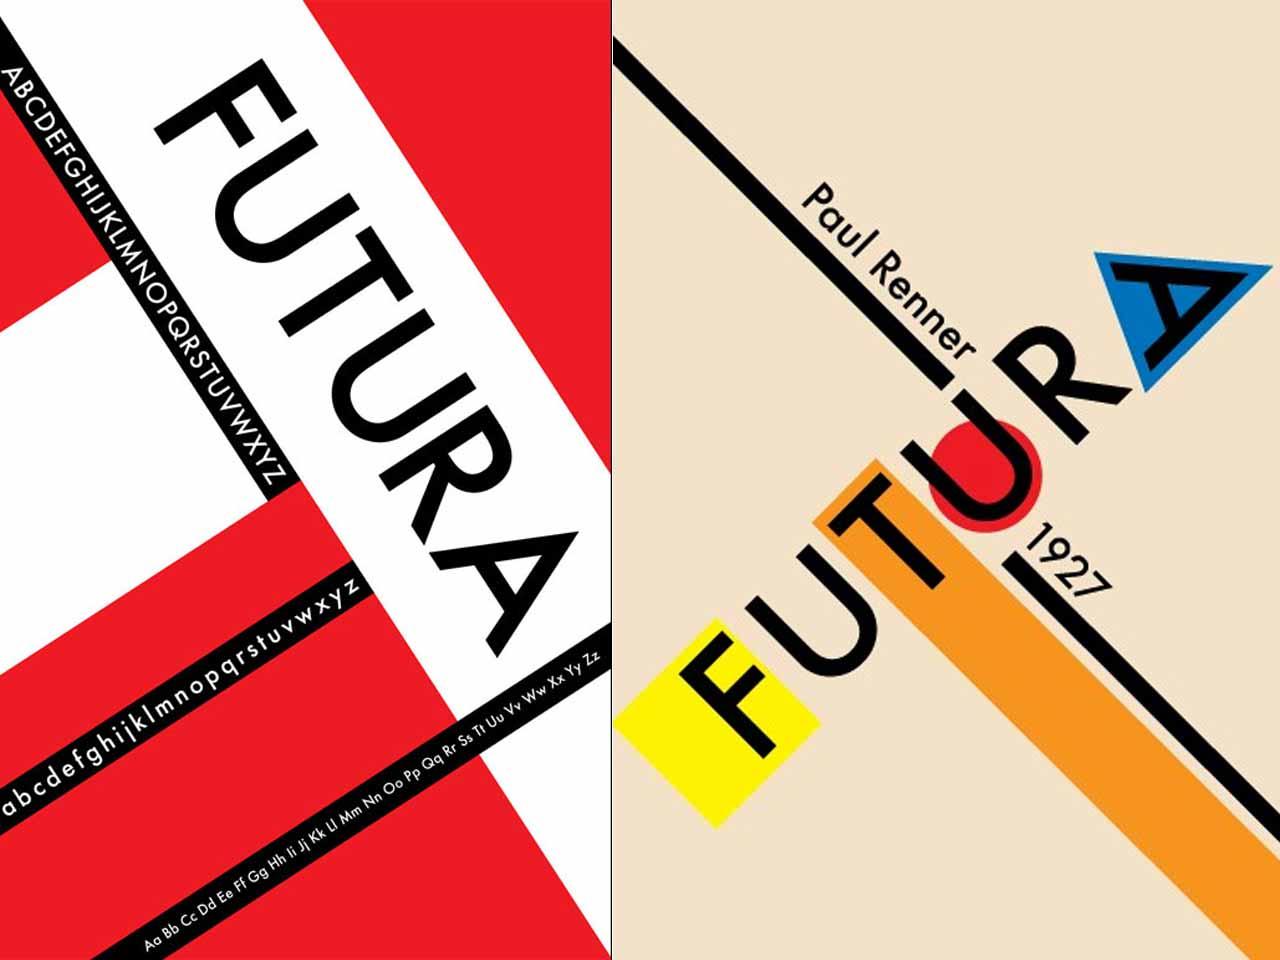 Los 23 diseños de la Bauhaus más emblemáticos